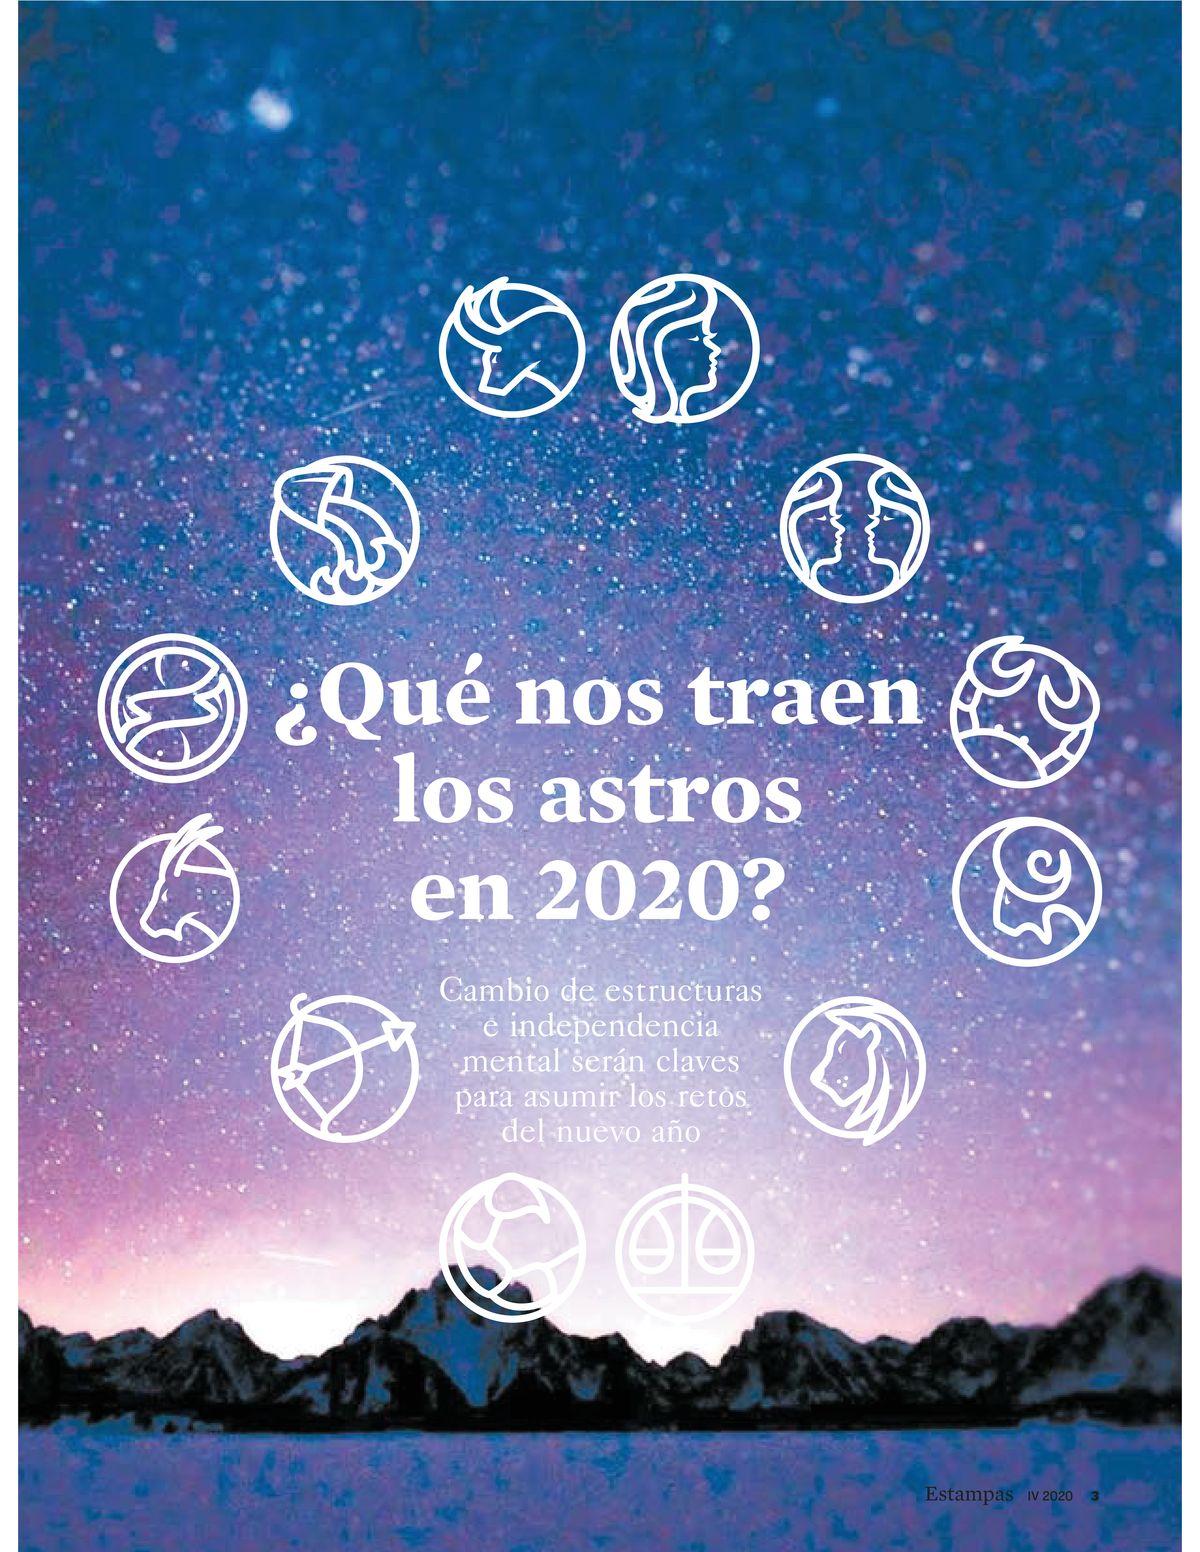 Estampas P02 2020 04